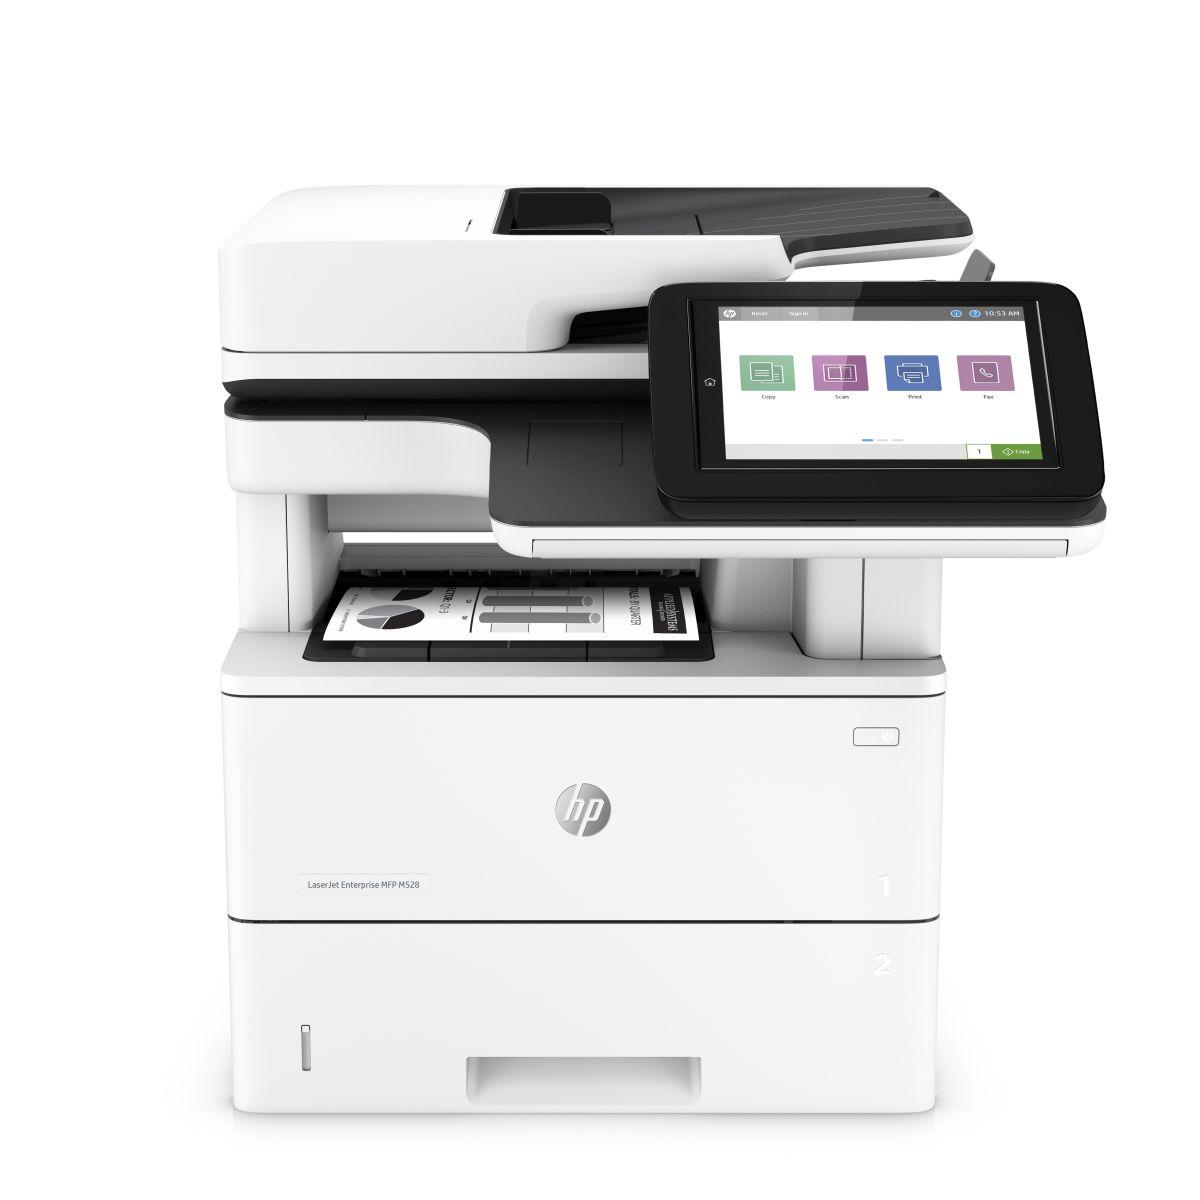 HP LaserJet Enterprise MFP M528dn (1PV64A#B19)